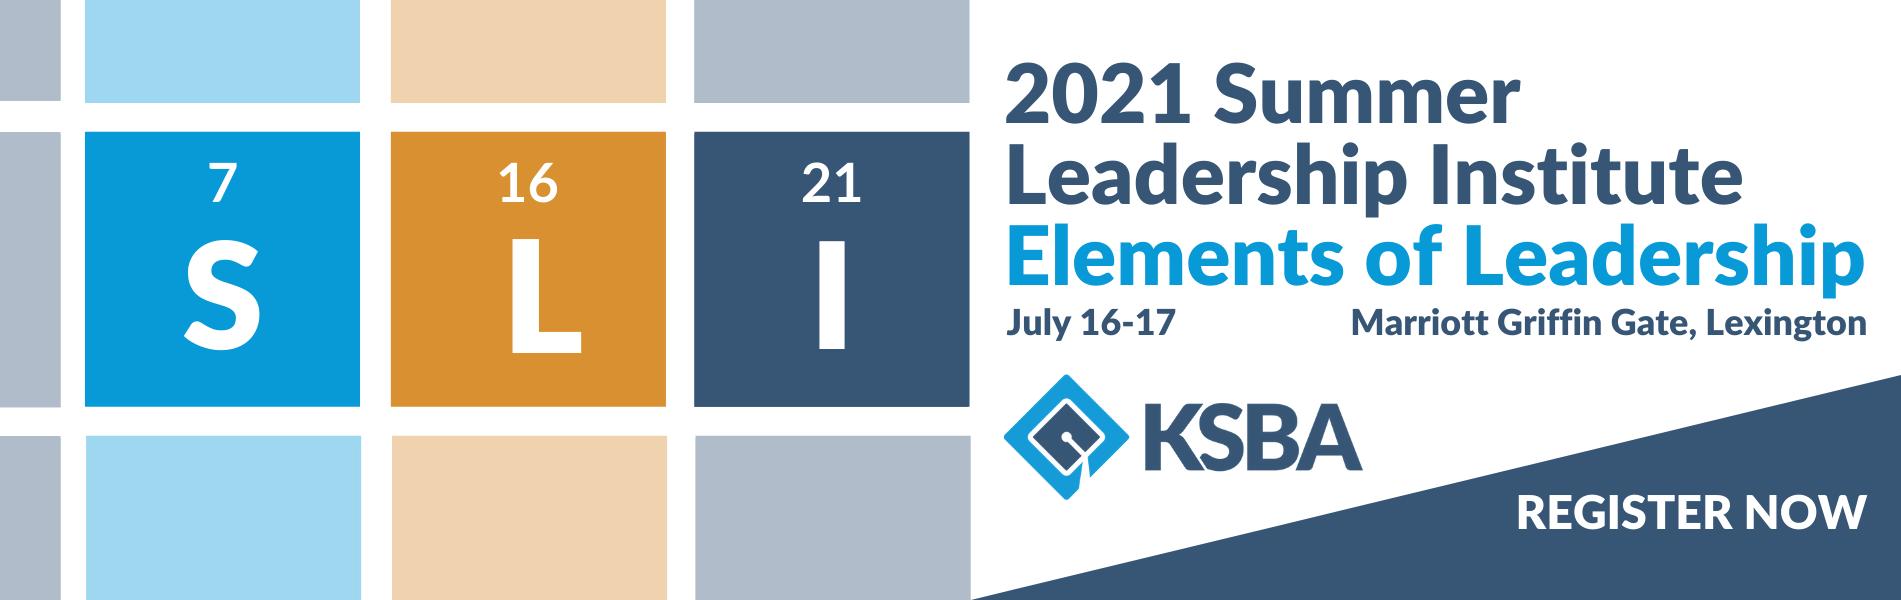 2021 Summer Leadership Institute